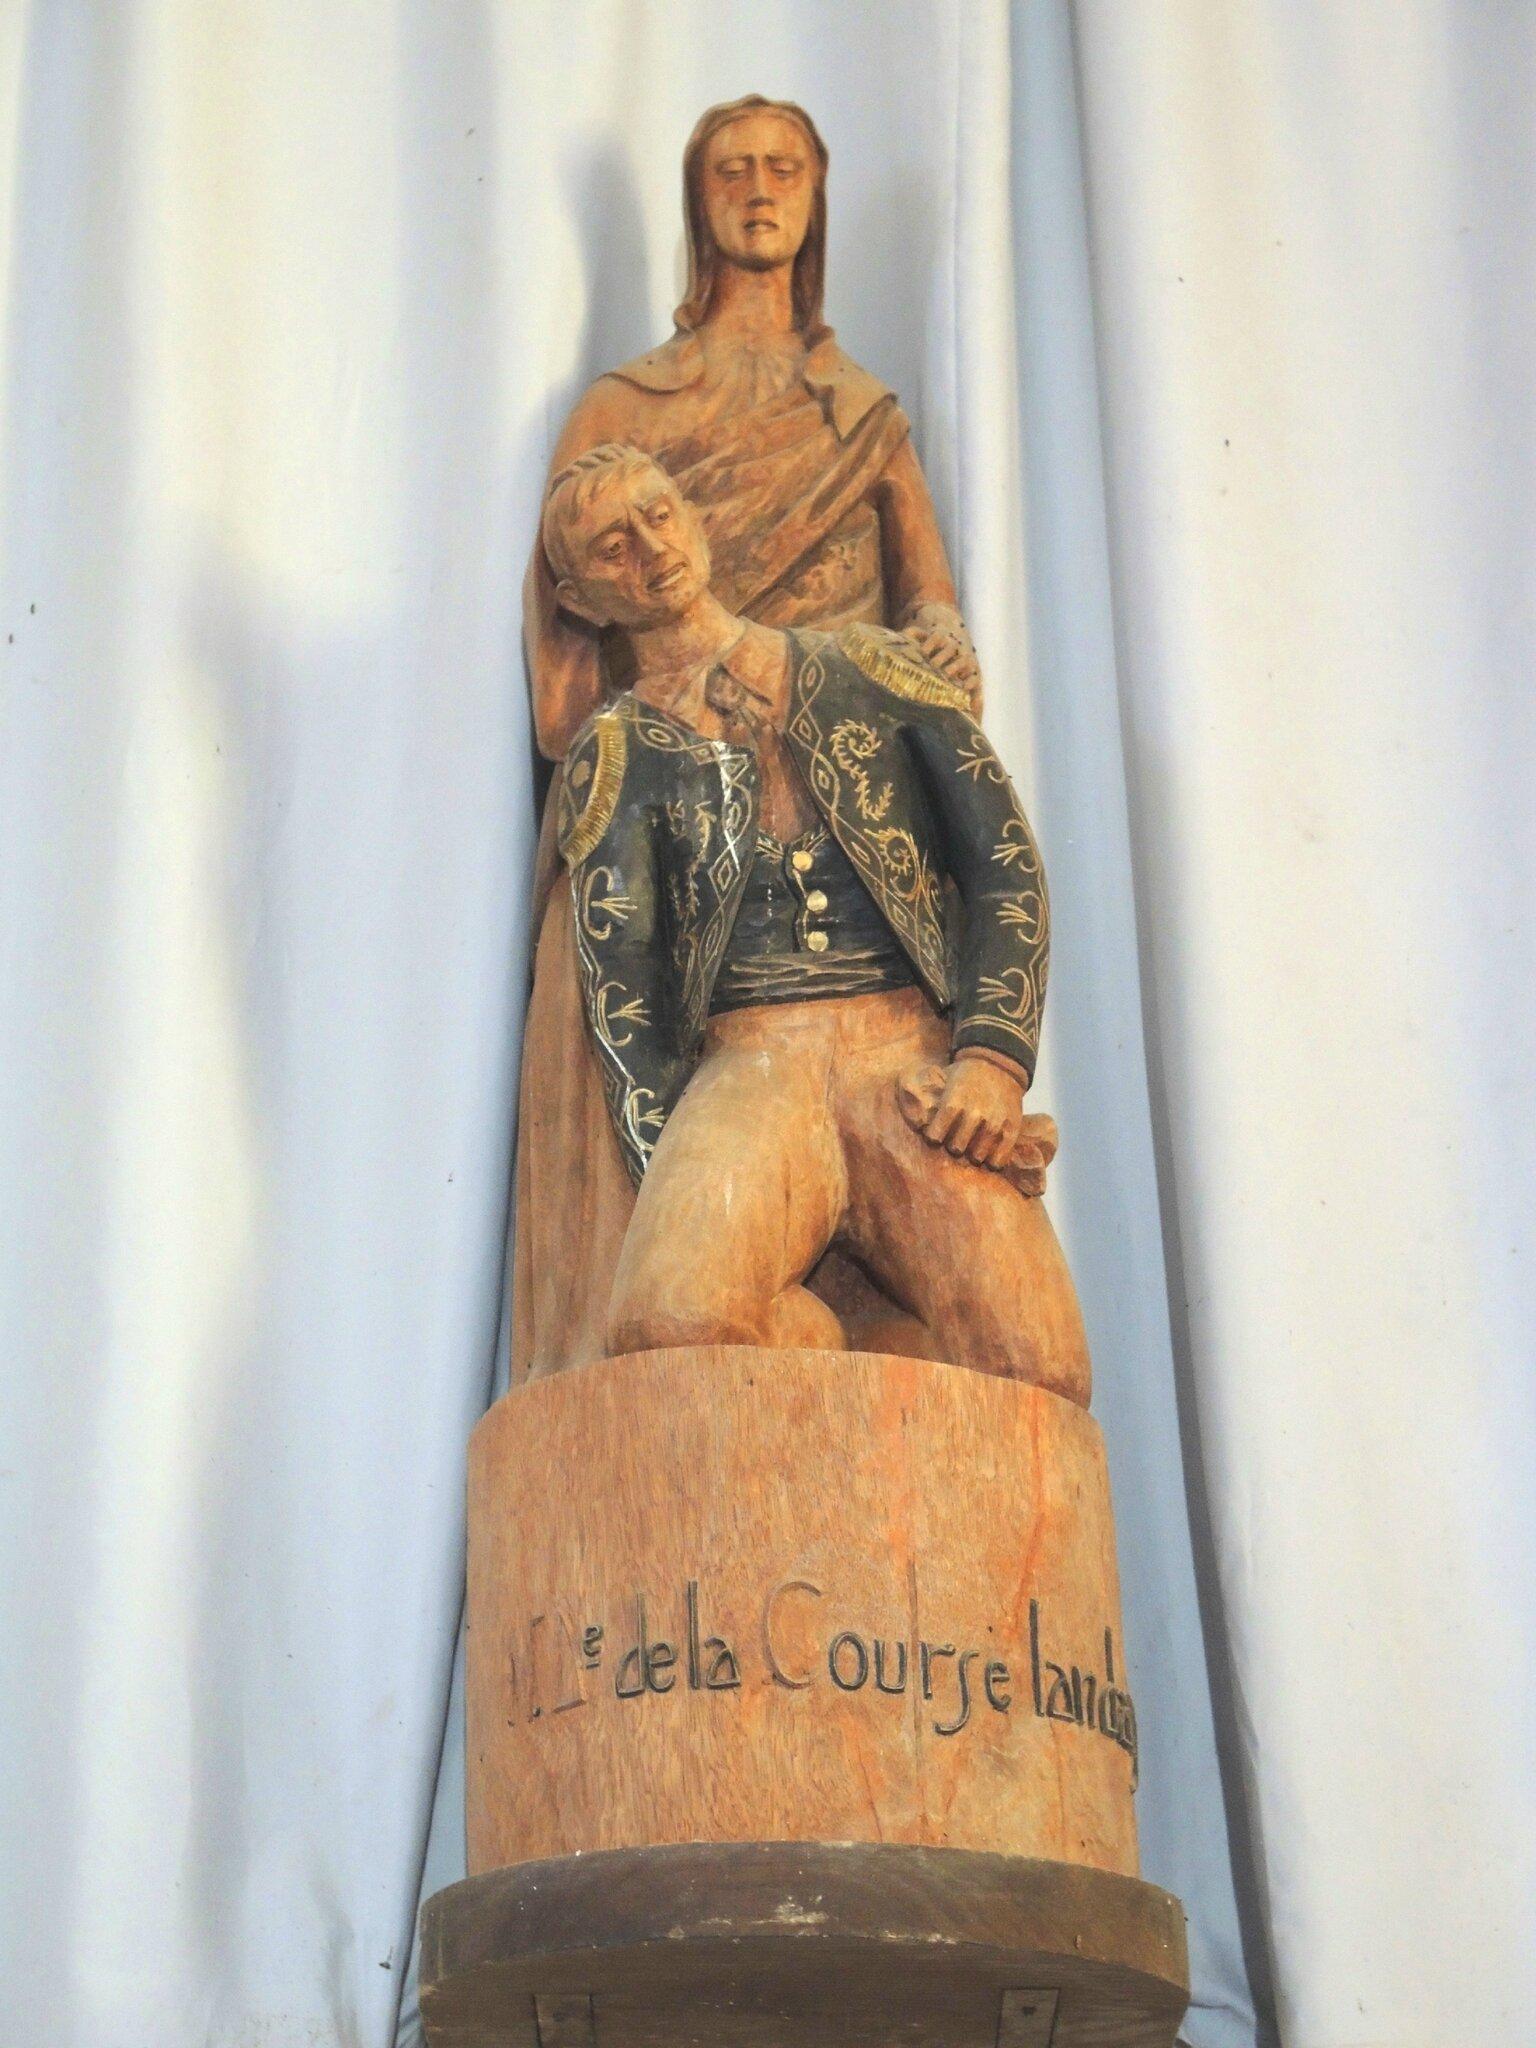 Bascons, Notre-dame-de-la-course-landaise, statue (40)